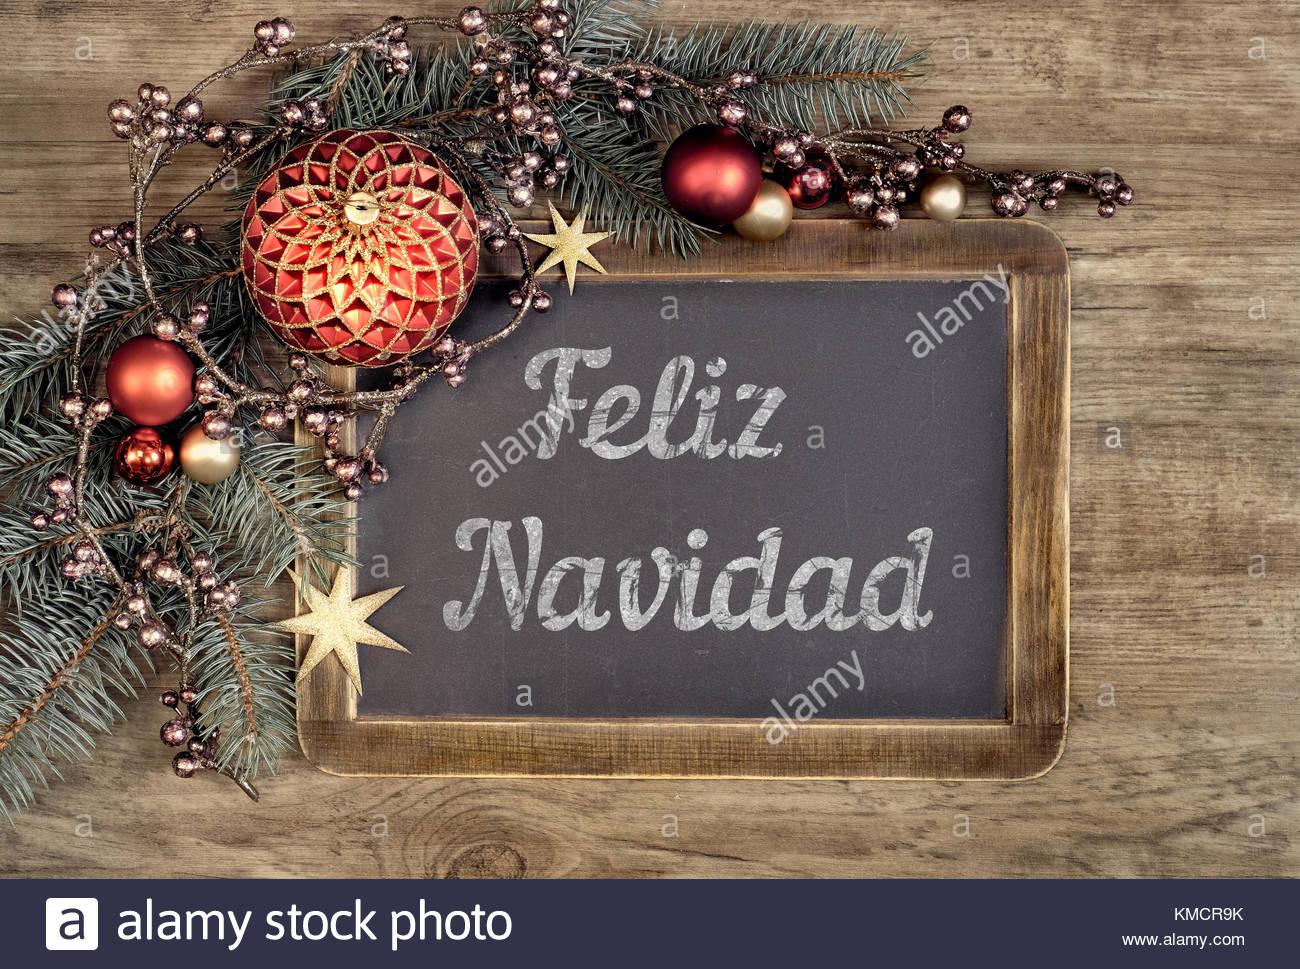 Buon Natale In Spagnolo.Lavagna Decorata Con Il Testo Feliz Navidad O Buon Natale In Spagnolo Su Legno Di Quercia Sullo Sfondo Kmcr9k Colegio De Salamanca